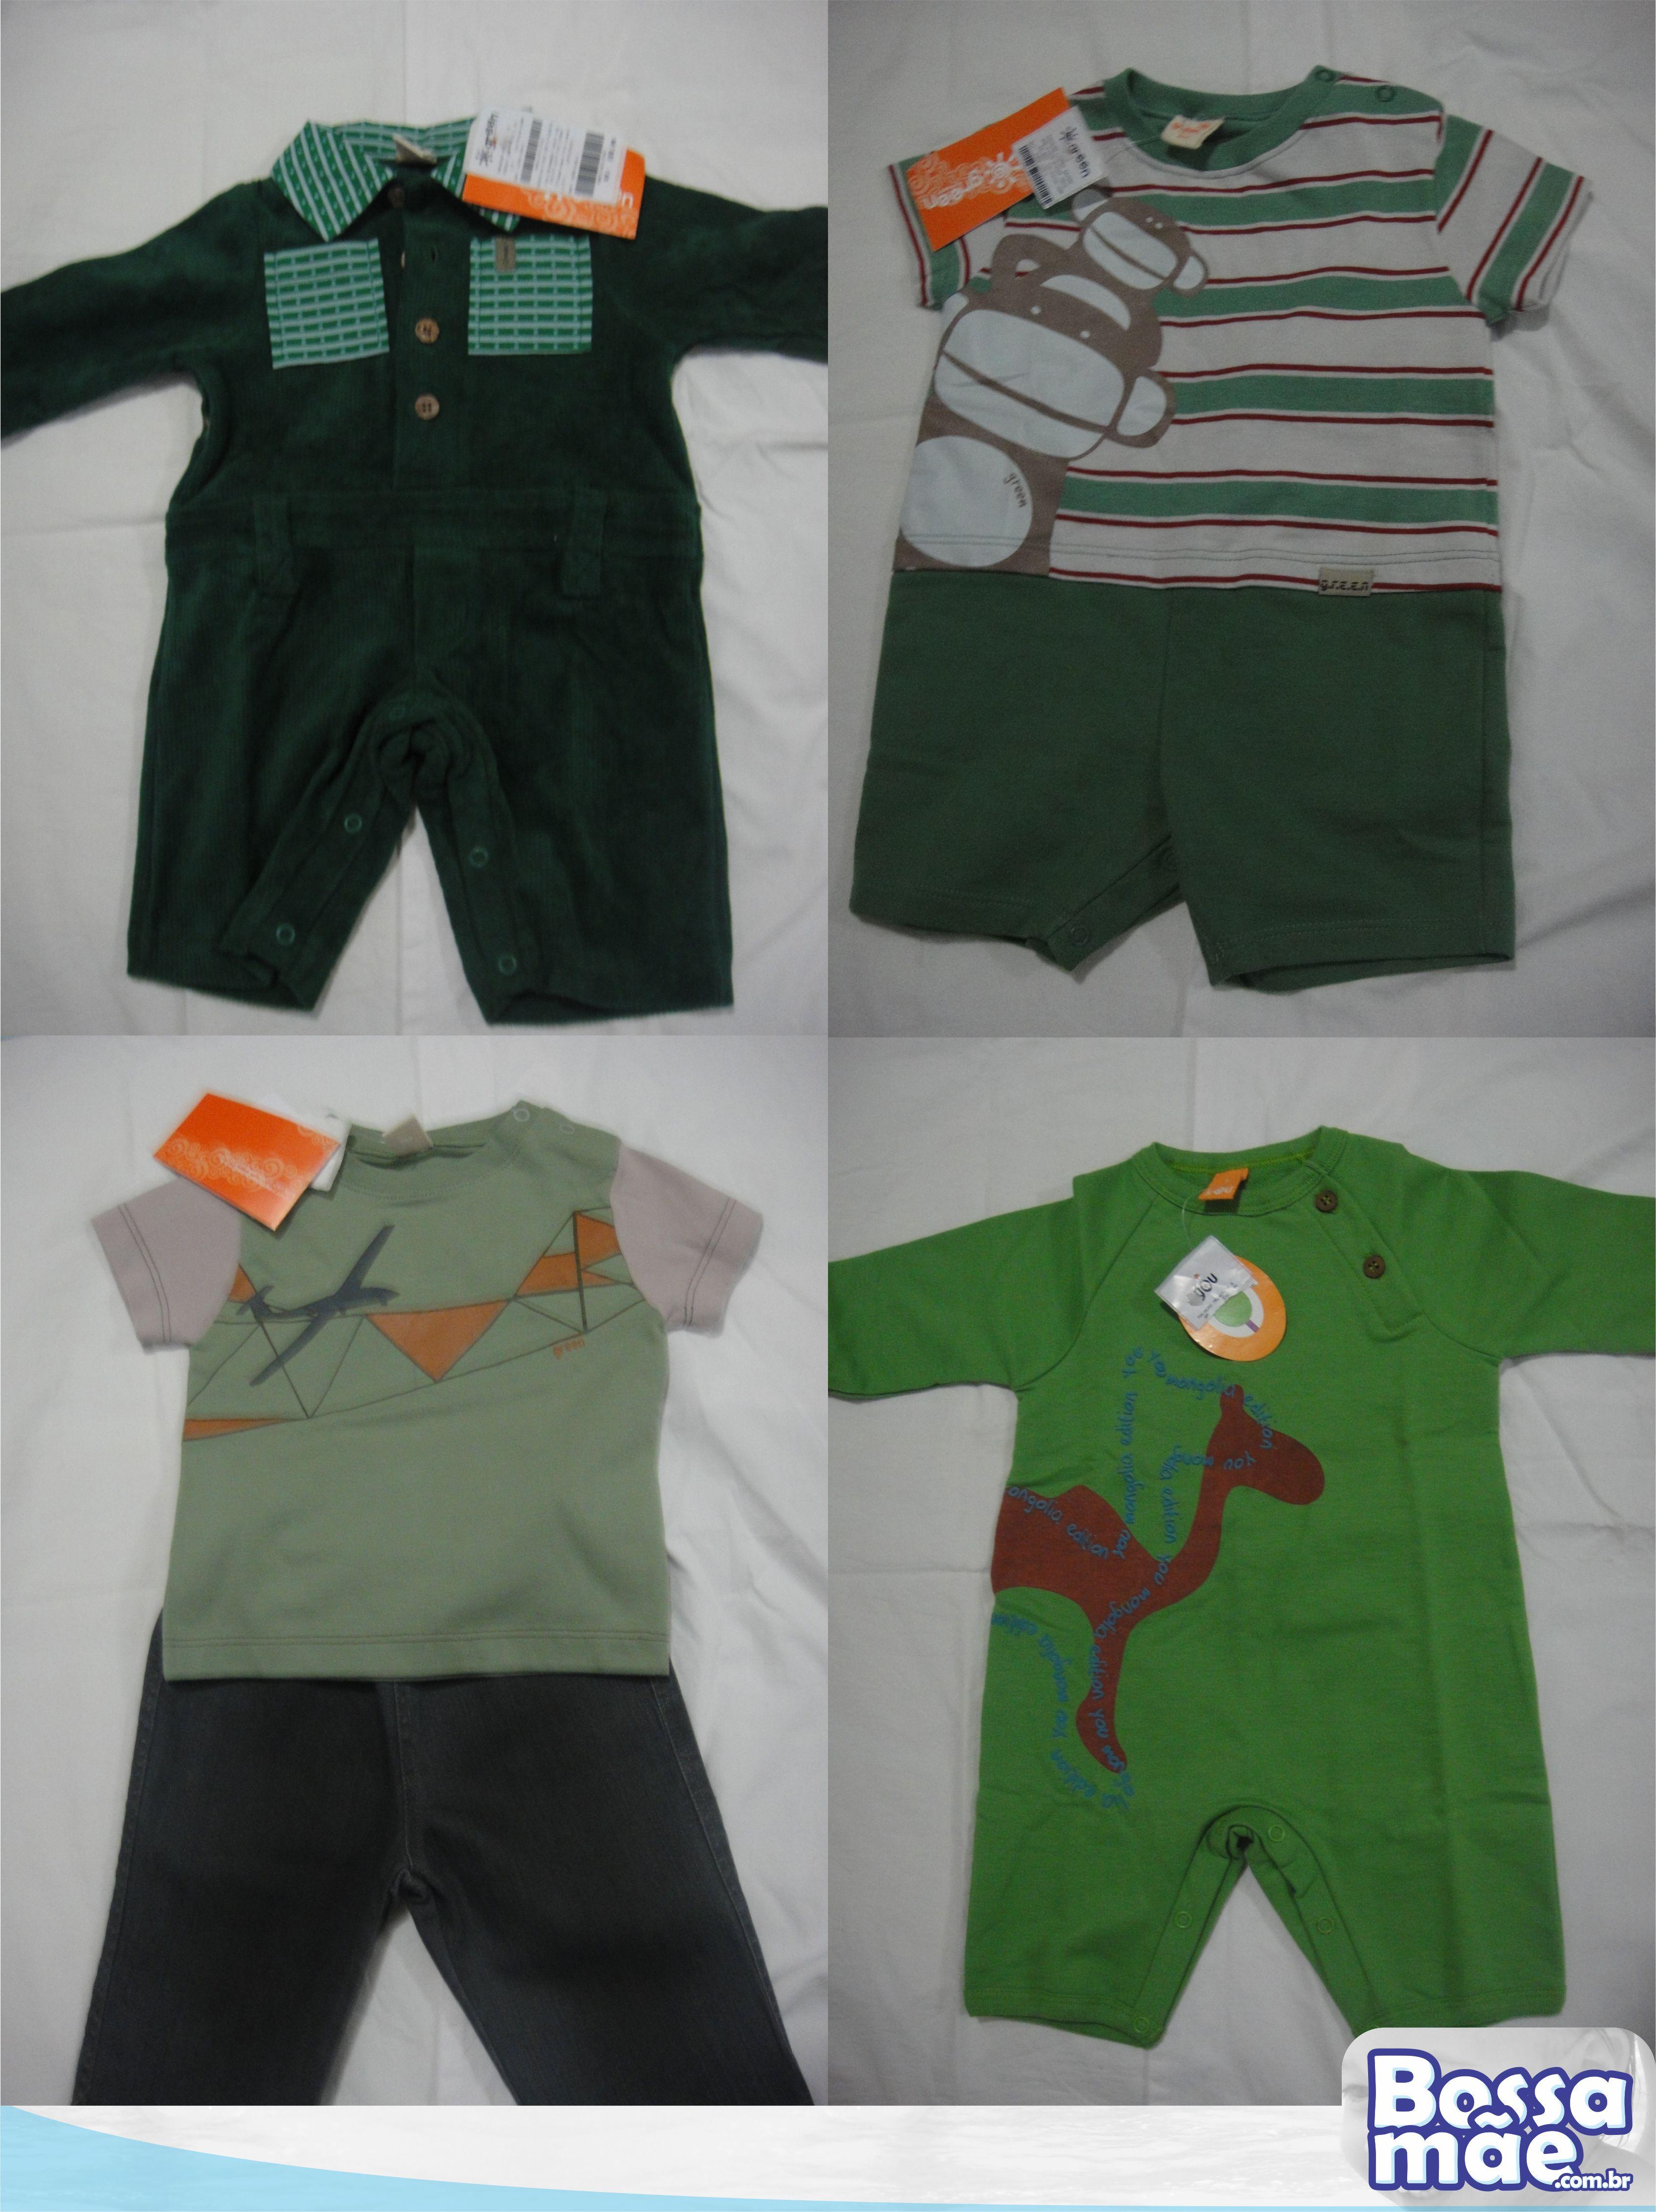 ac1151f308 Onde comprar roupas infantis em SP - Bossa Mãe